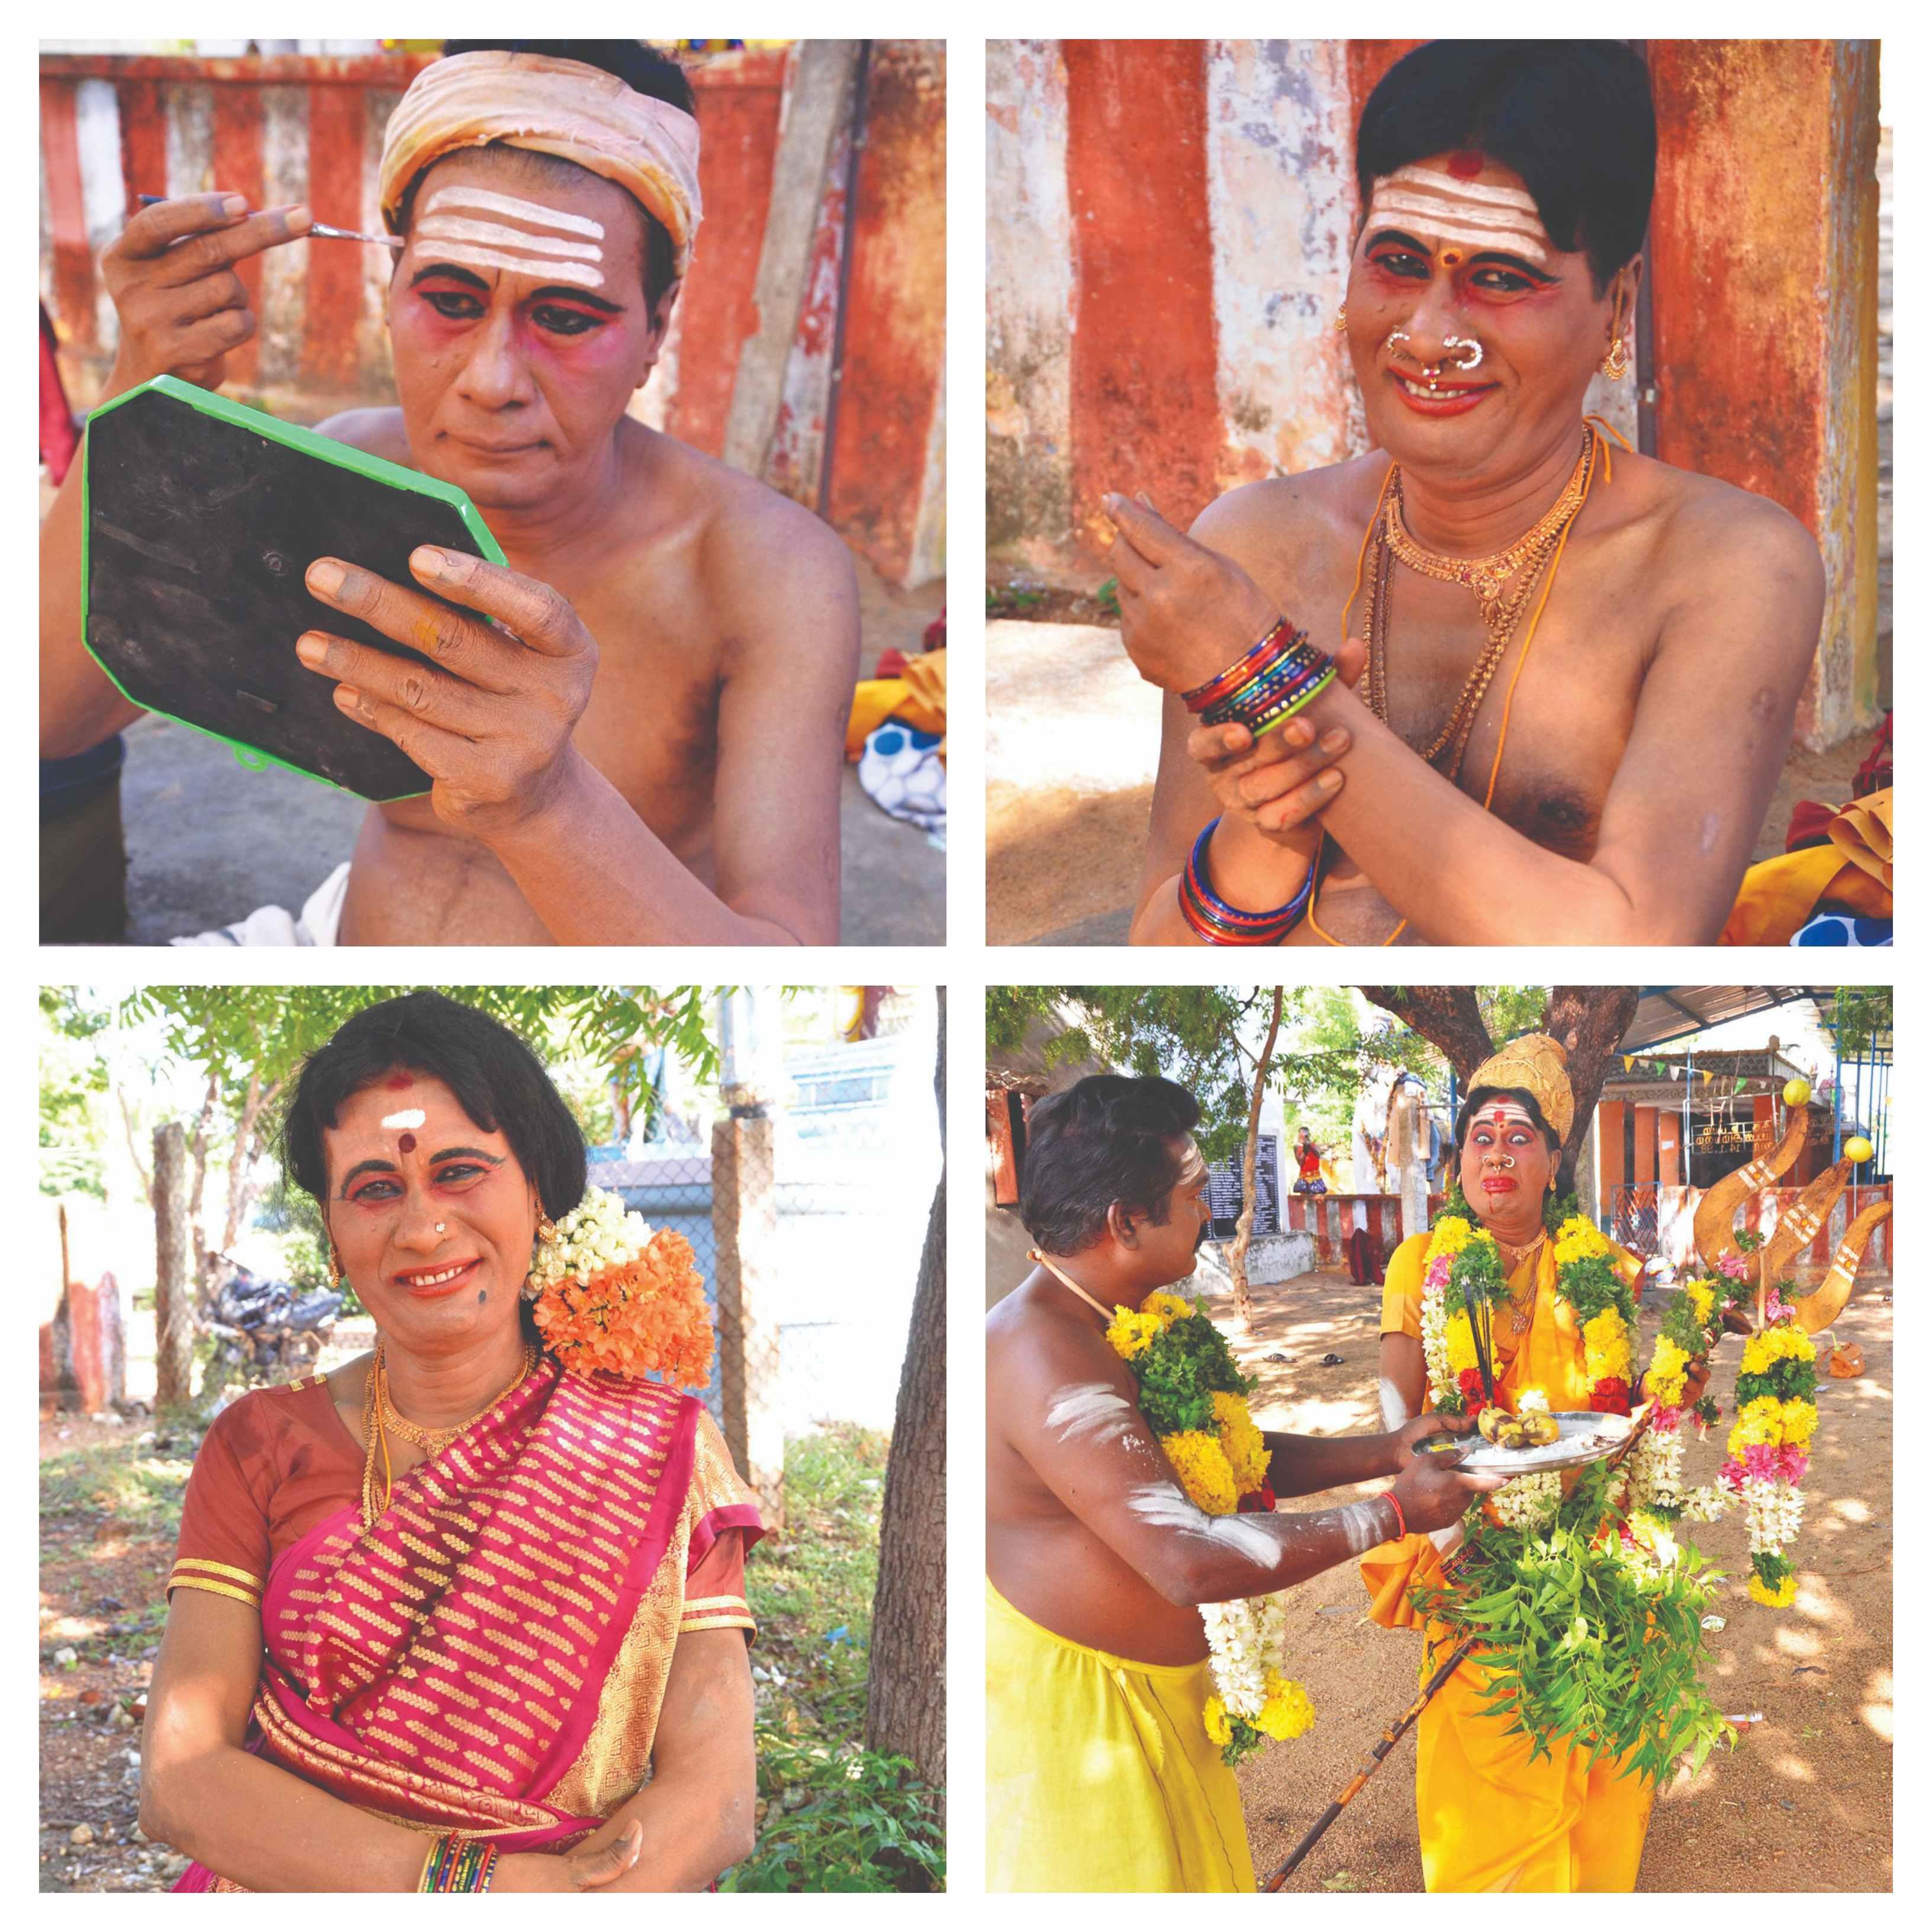 அம்மன் வேடத்தில் கலக்கும் பேங்க் மேனேஜர்